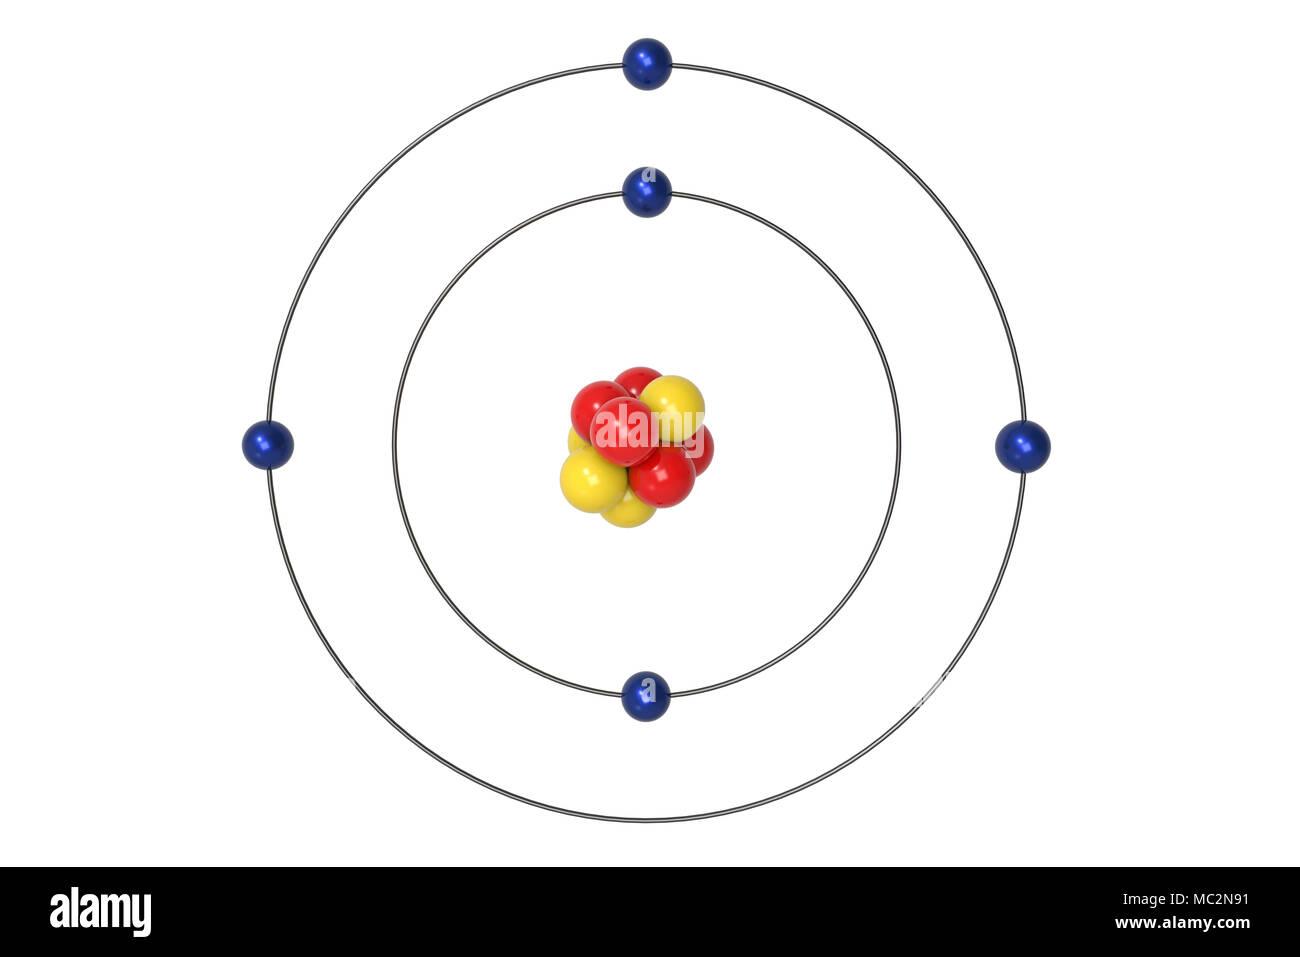 Boron Atom Bohr Model With Proton  Neutron And Electron